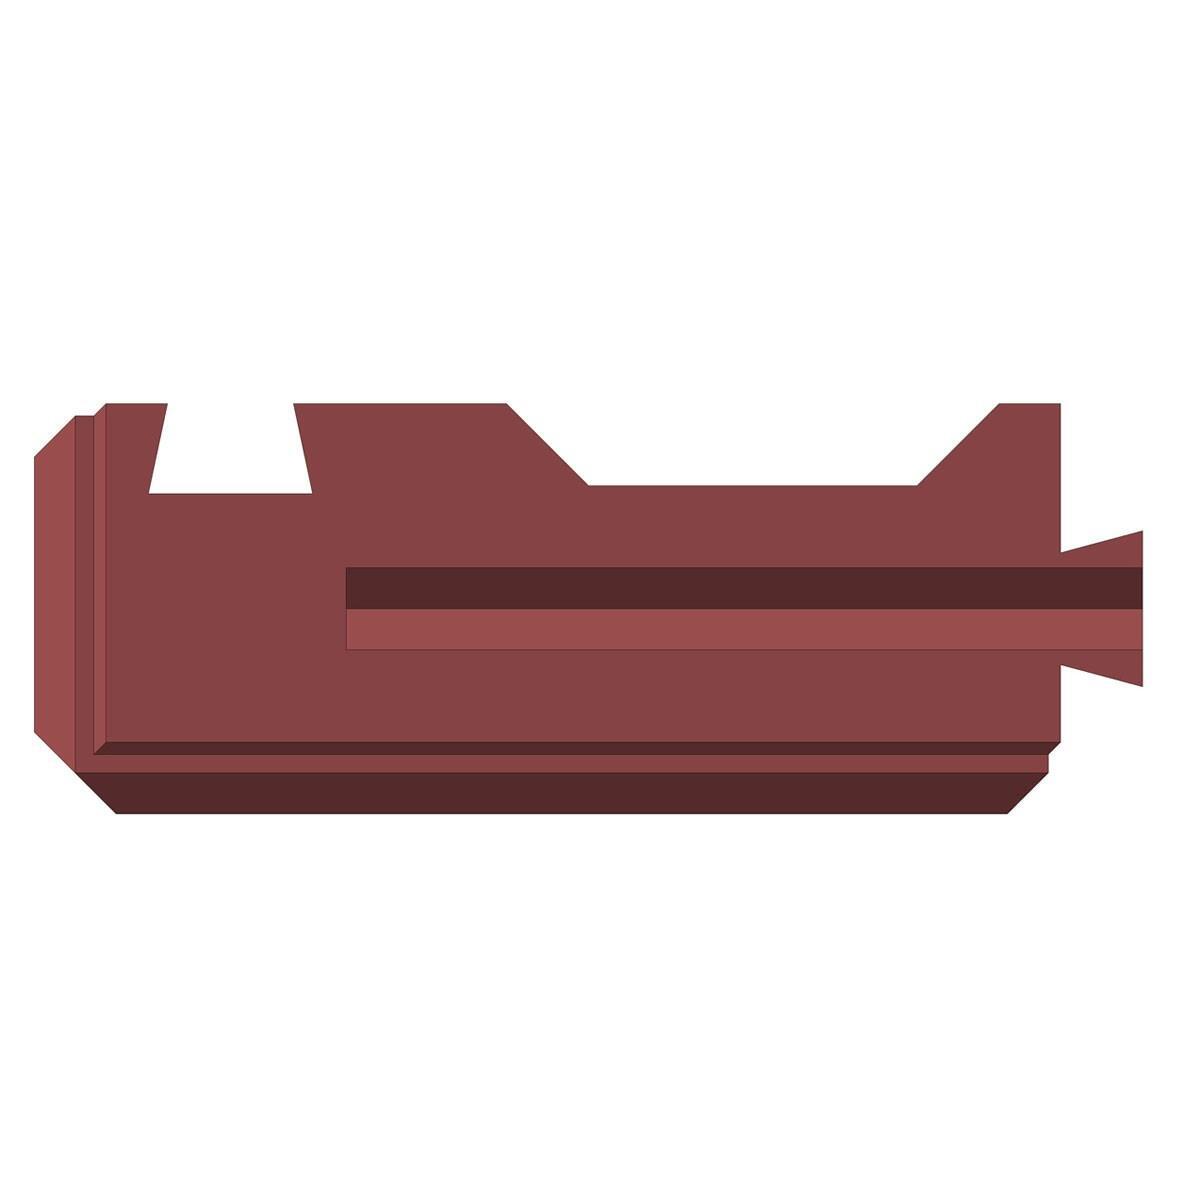 Блок бетонный угловой для забора Brick вид с верху